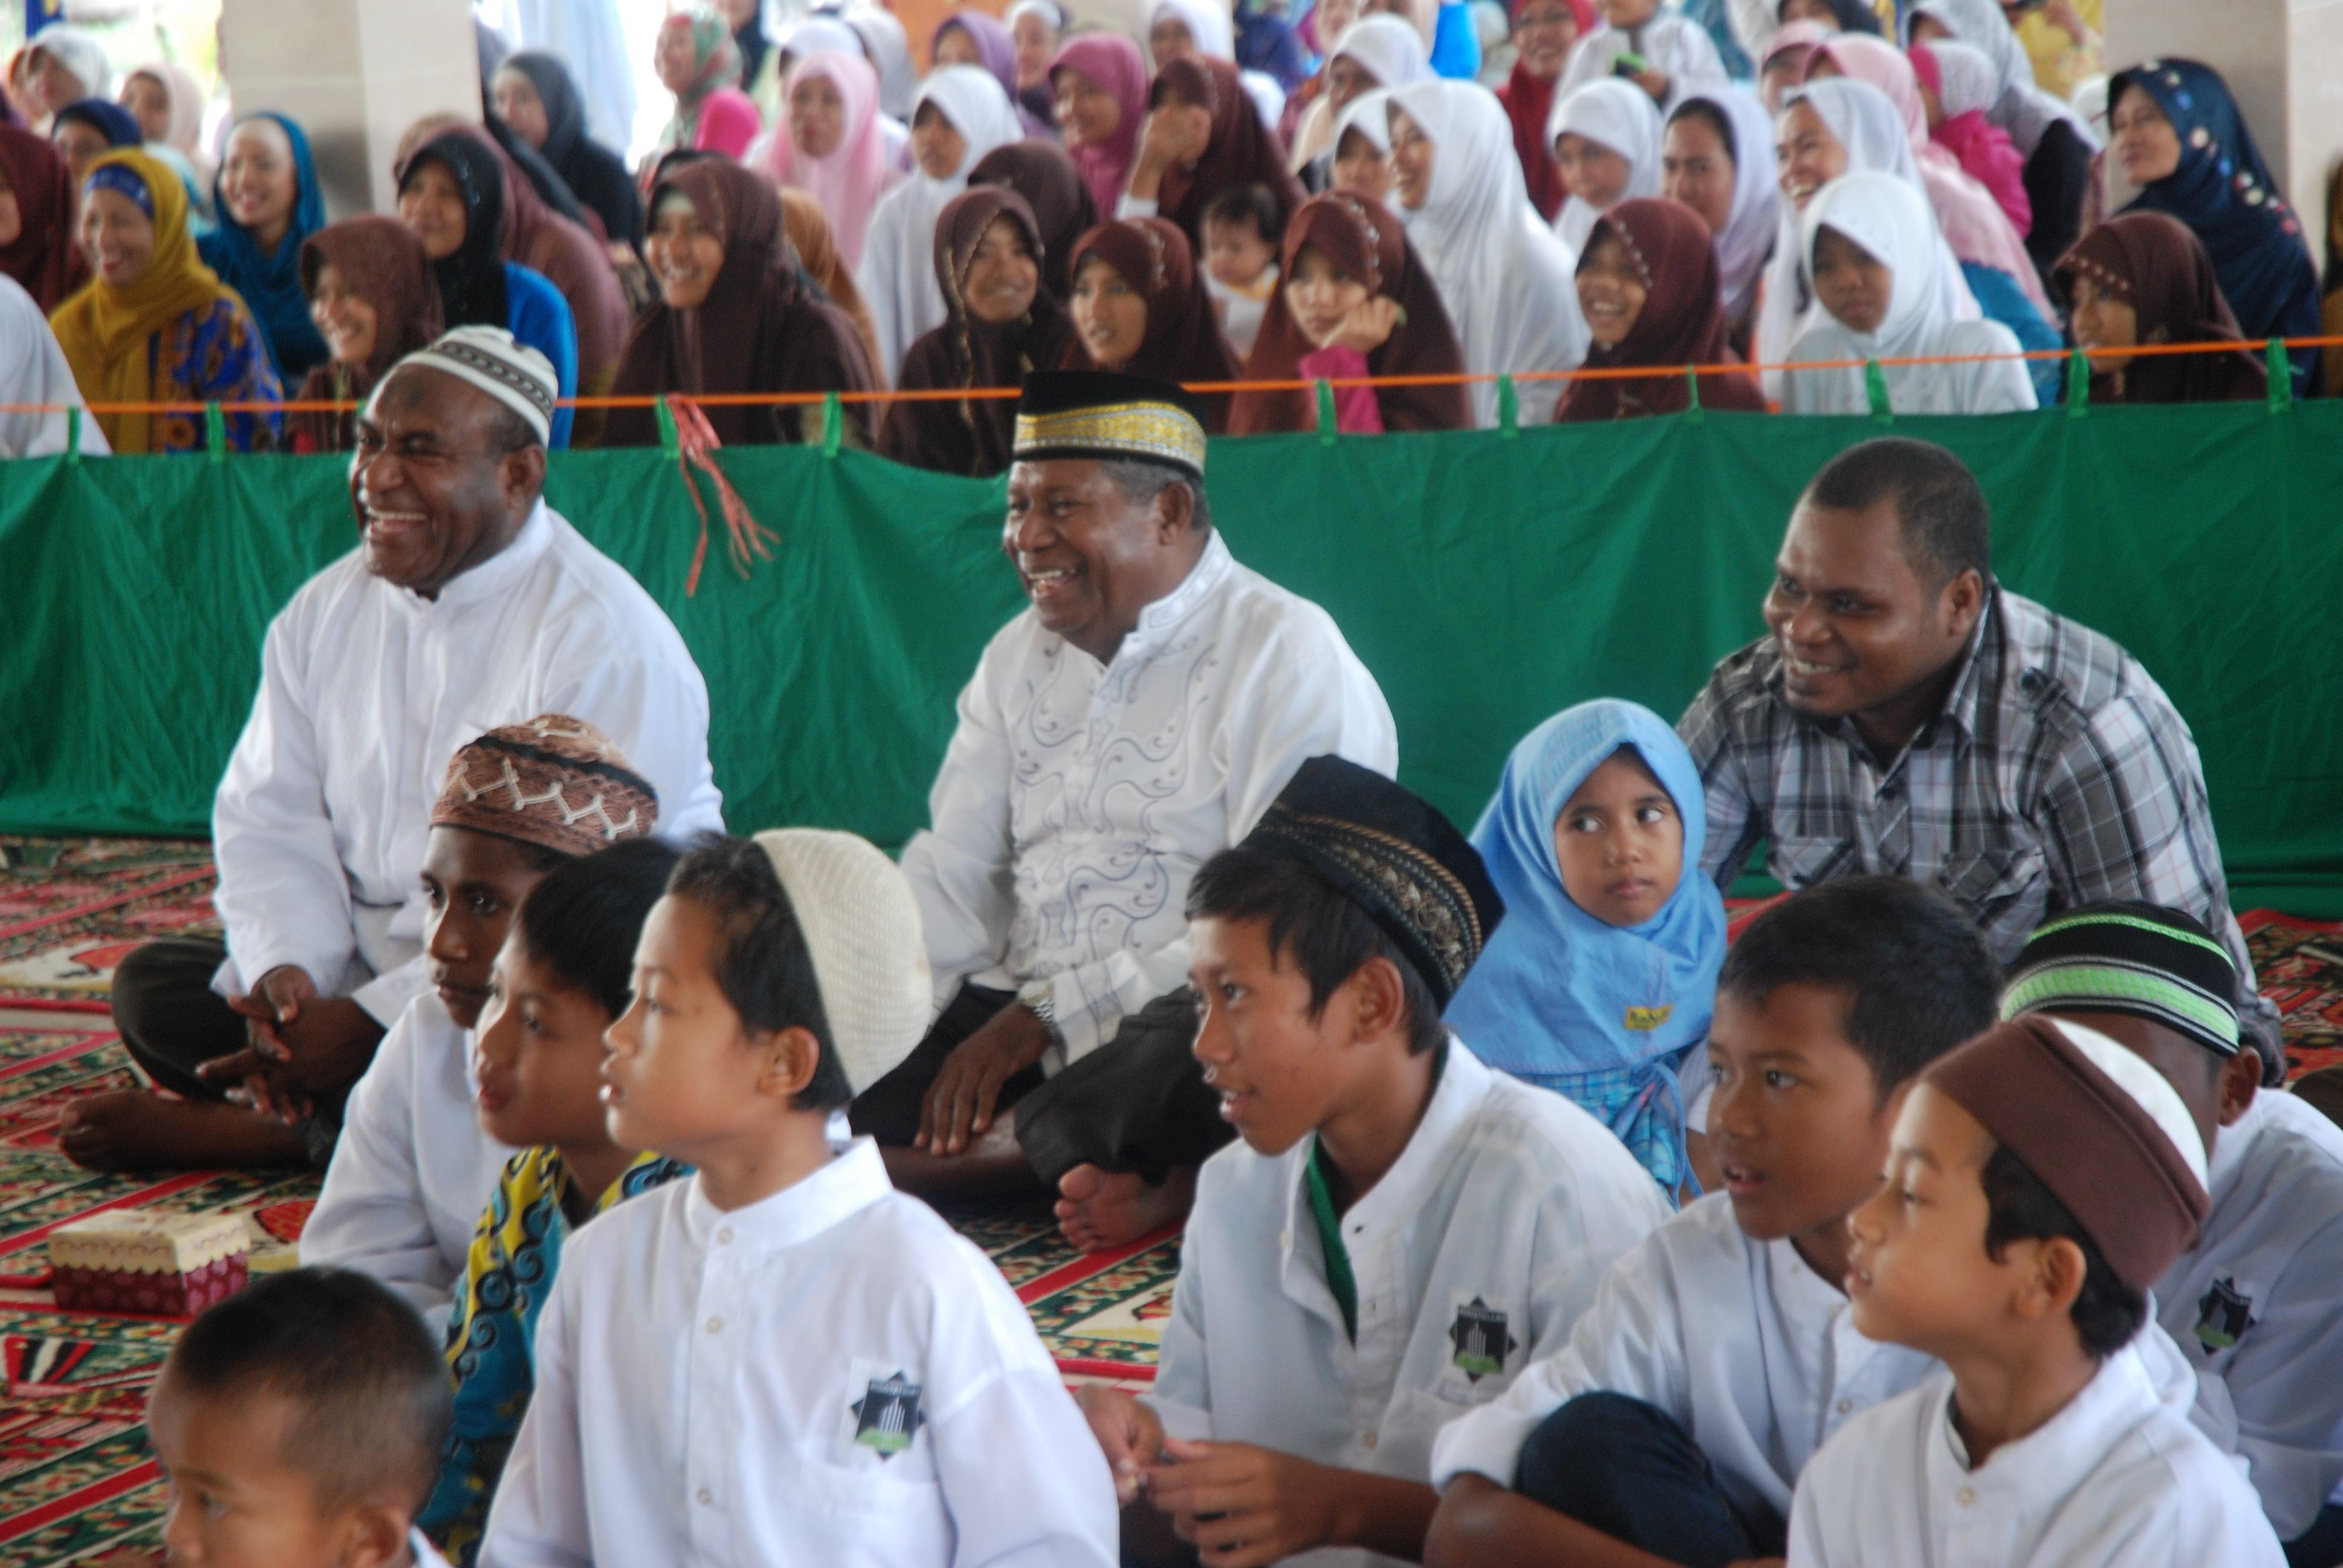 Manokwari Kota Injil Jadi Alasan Pelarangan Berdirinya Masjid